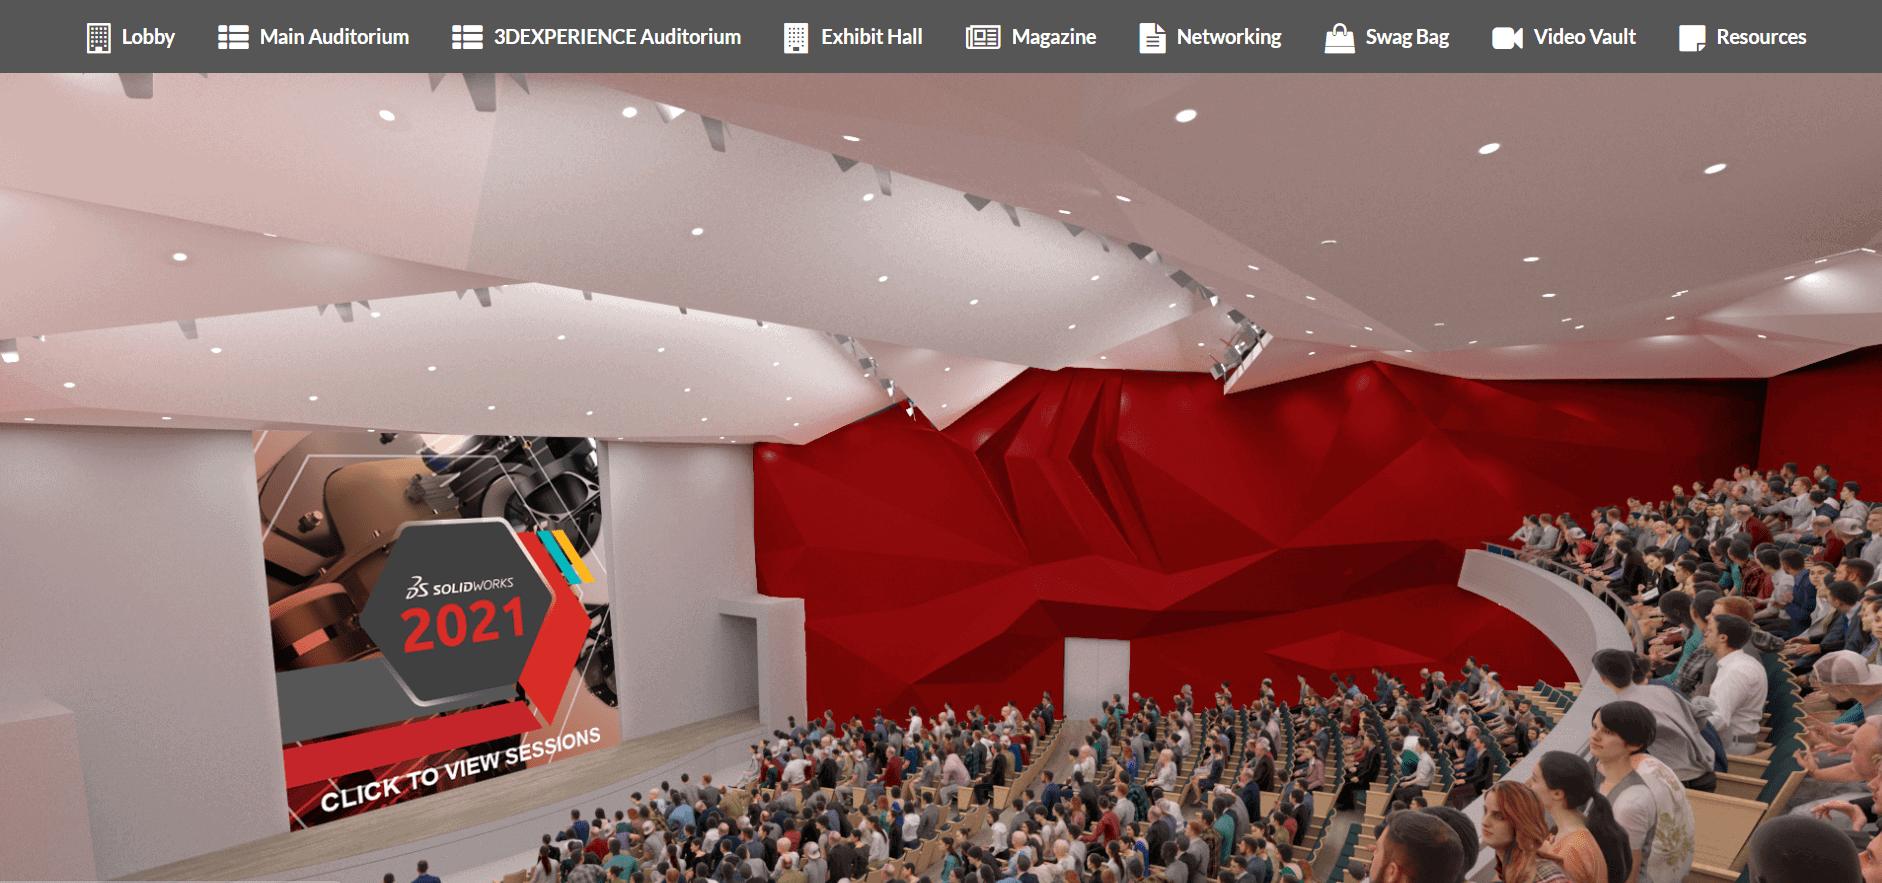 Solid solutions auditorium